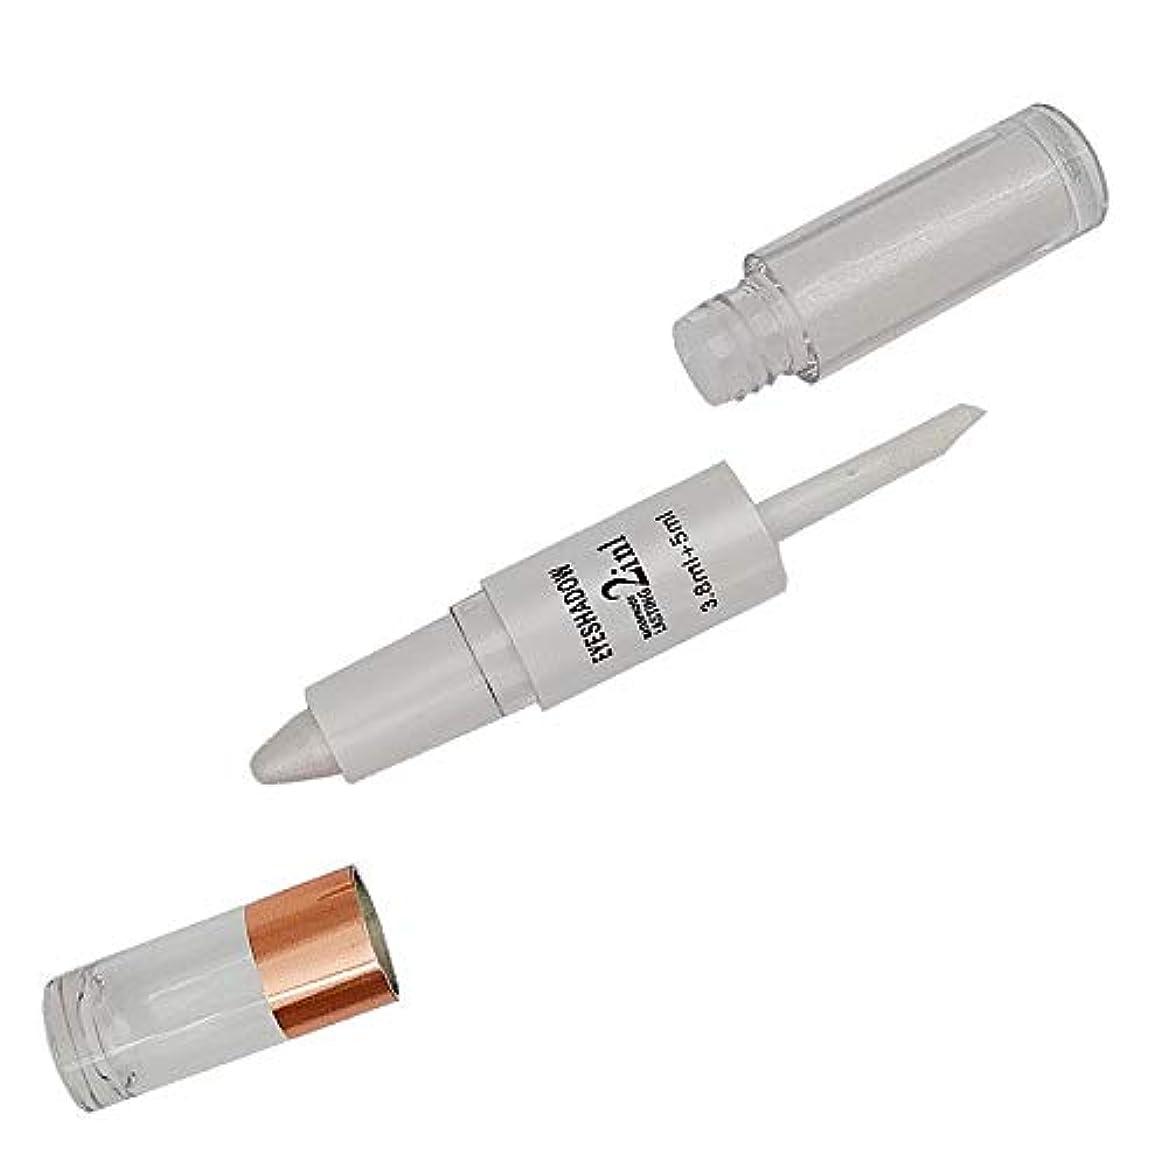 狂気皿容器黒3in1化粧アイライナーリキッドアイライナーペン鉛筆化粧品防水